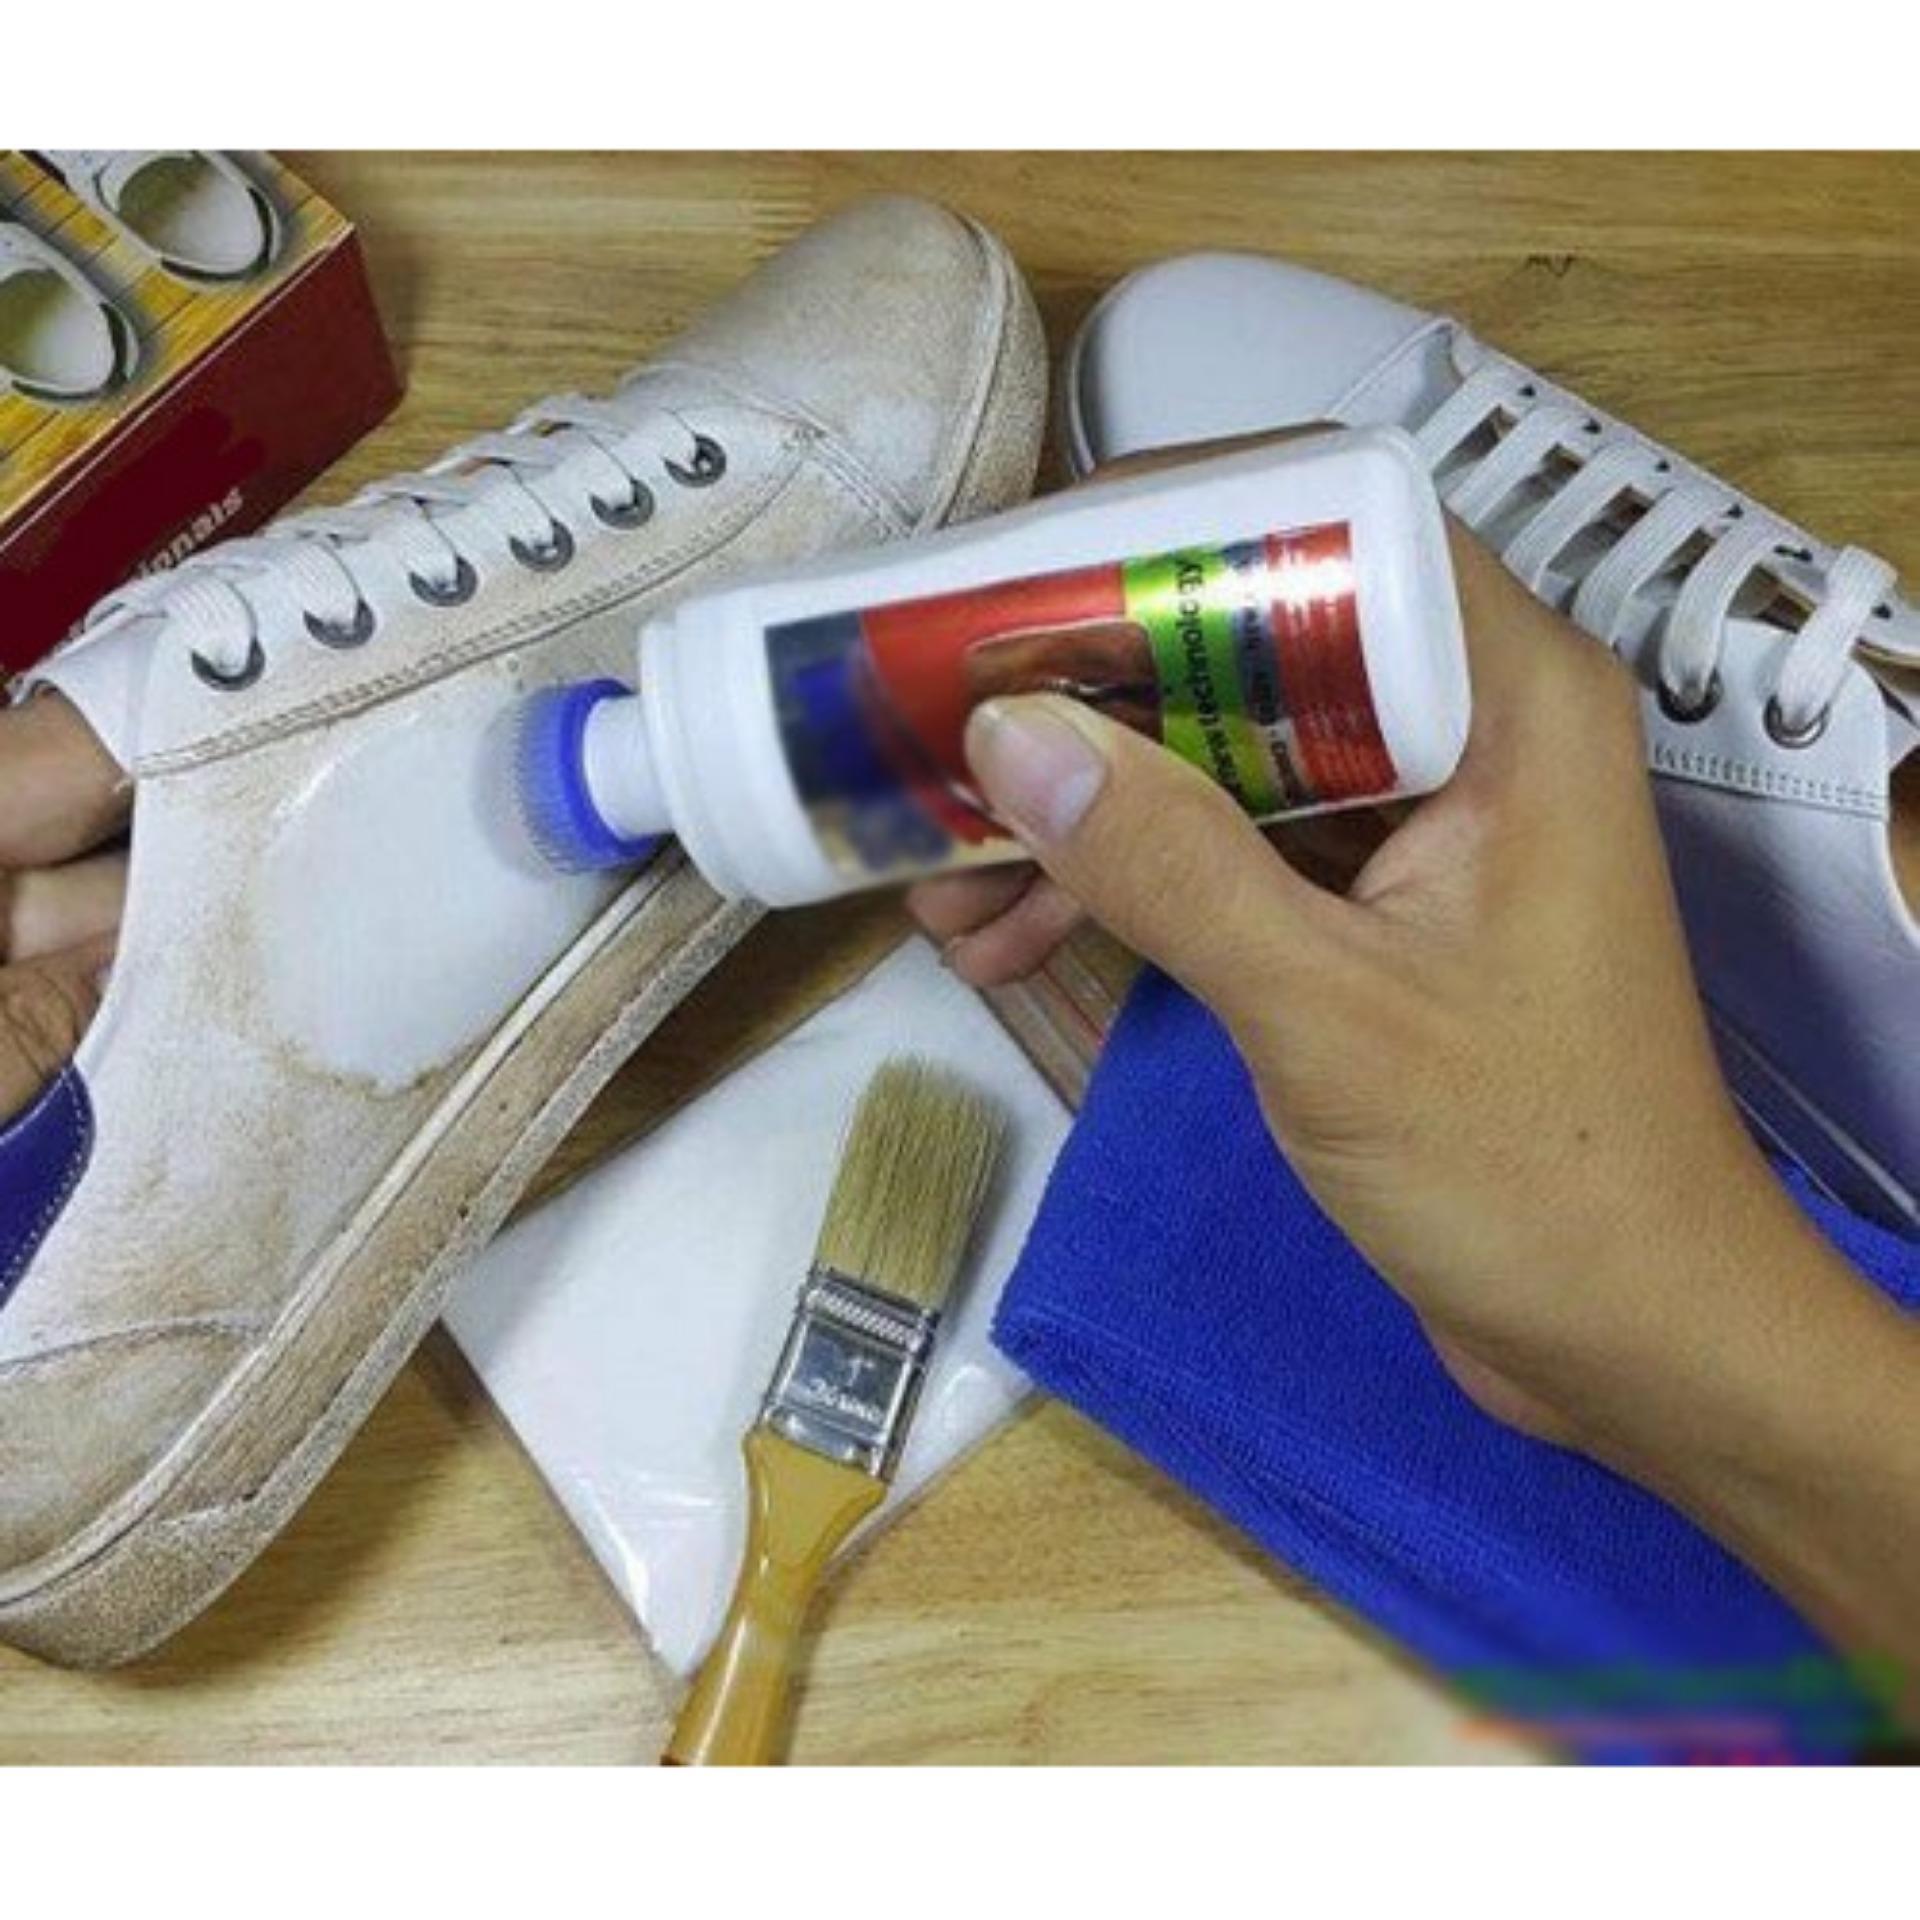 Bình xịt làm sạch vết bẩn giày và túi da tiện dụng